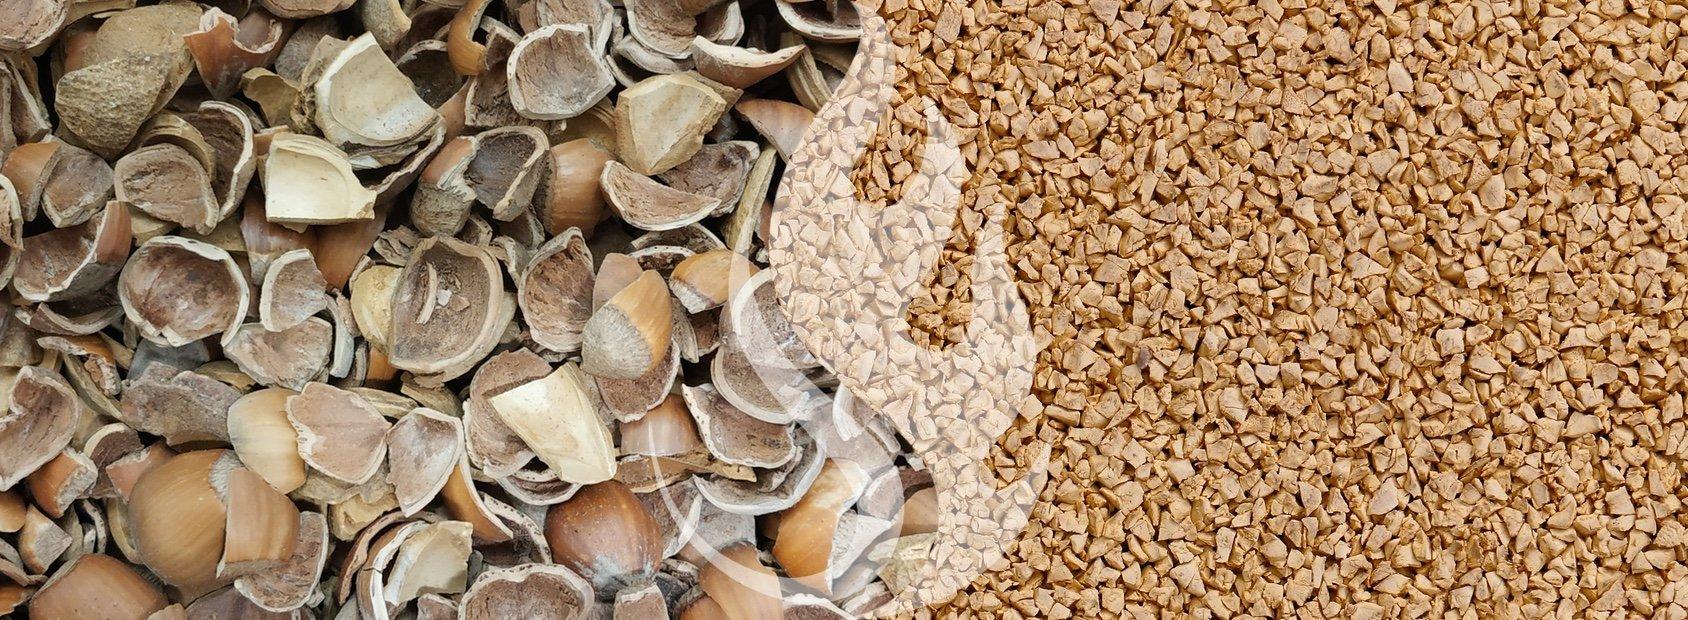 Sichetti combustibili for Ardeco pellet